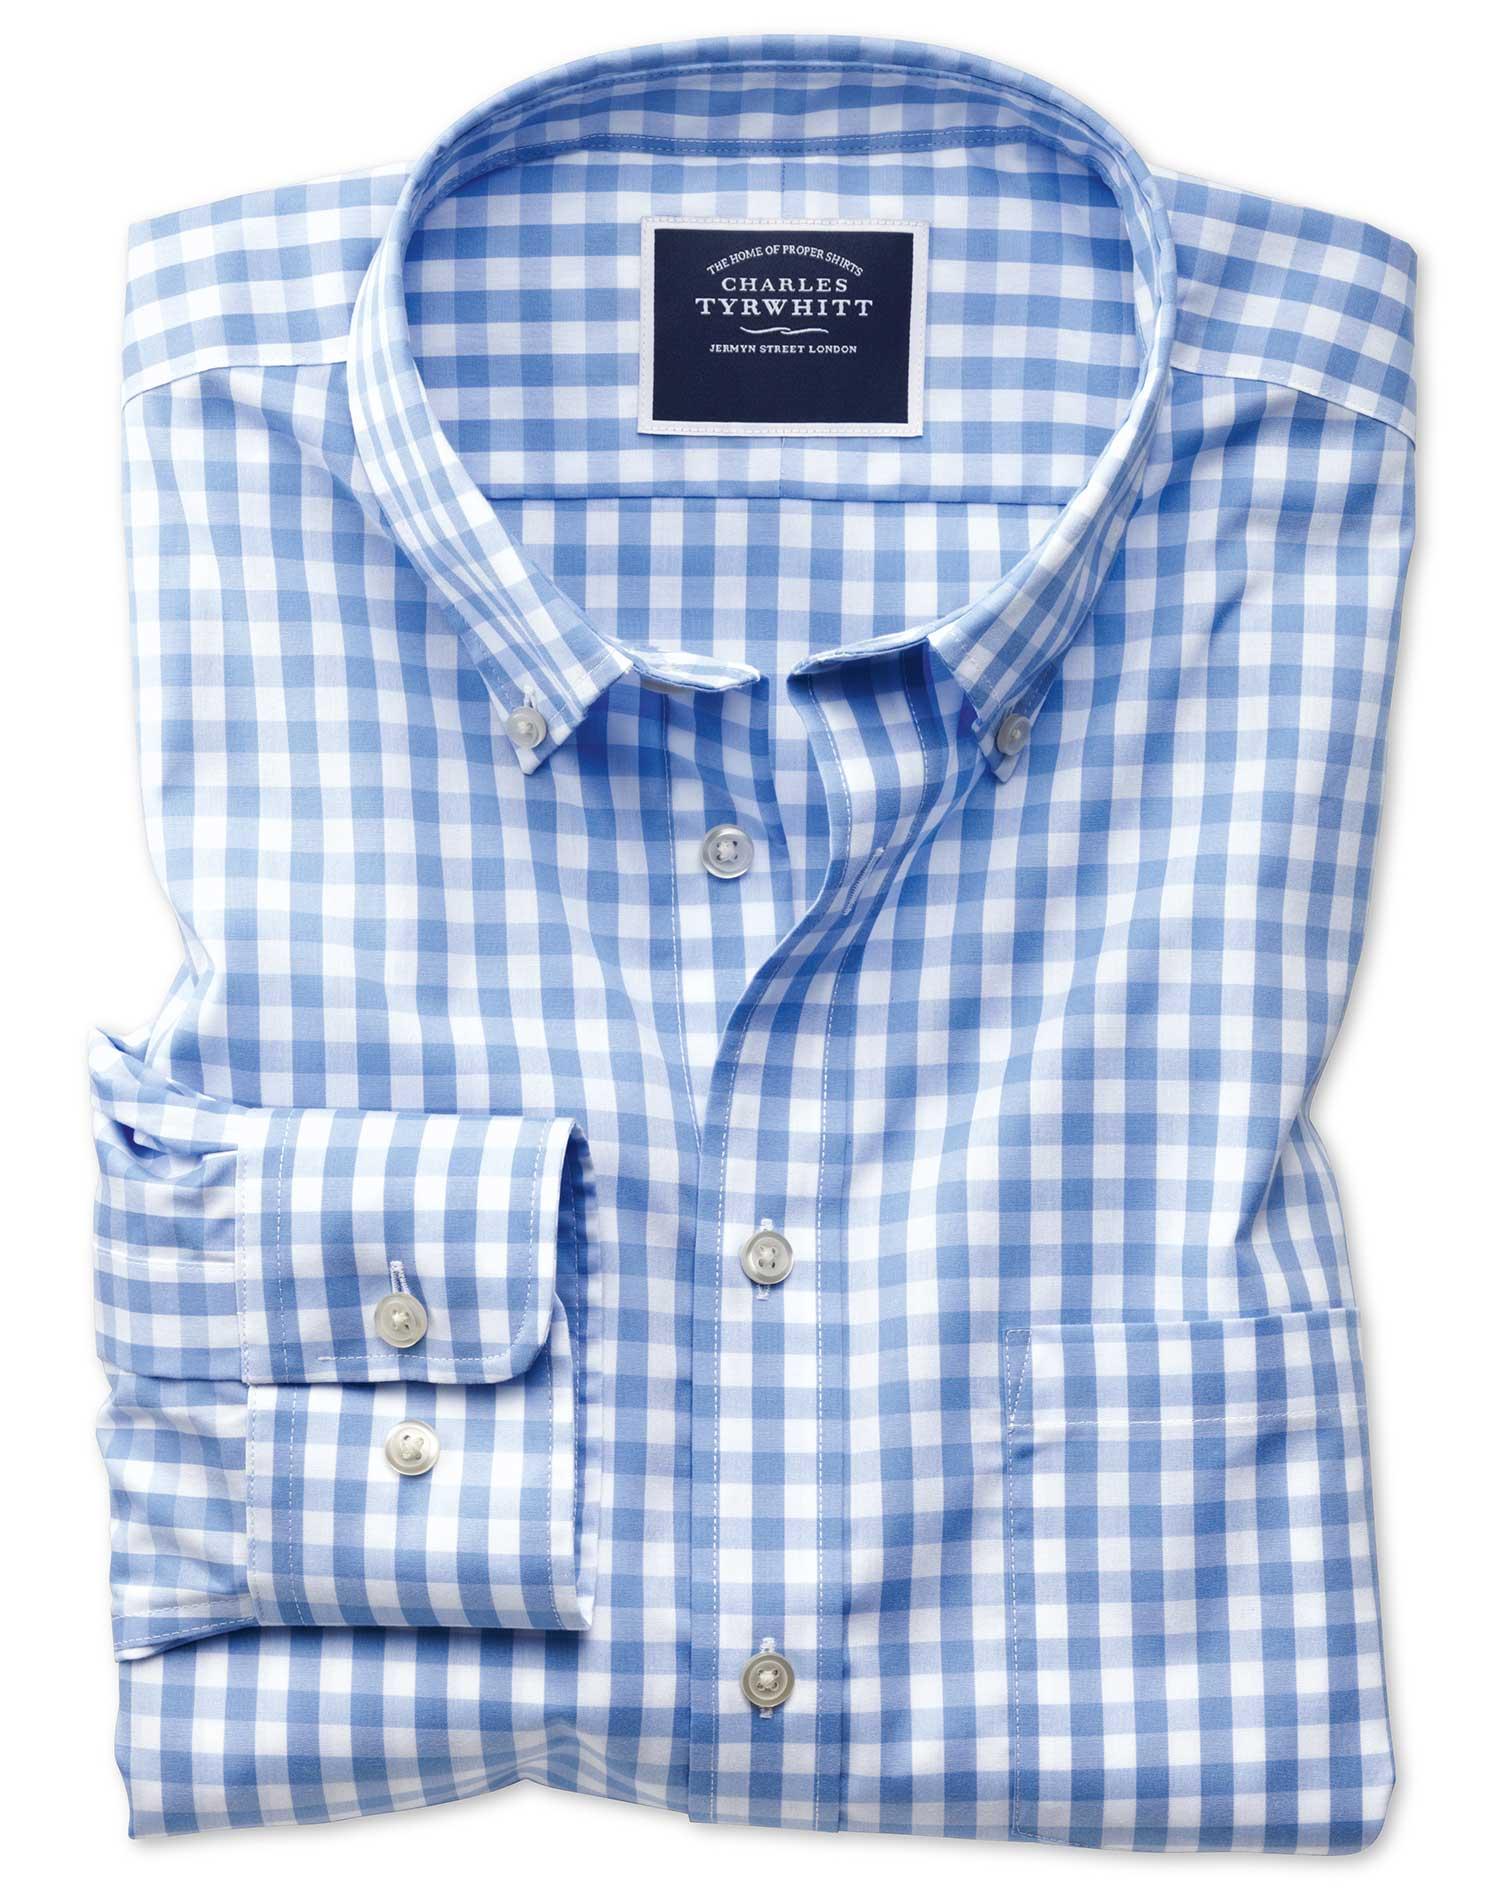 Slim fit button down non iron poplin sky blue gingham for Blue gingham button down shirt